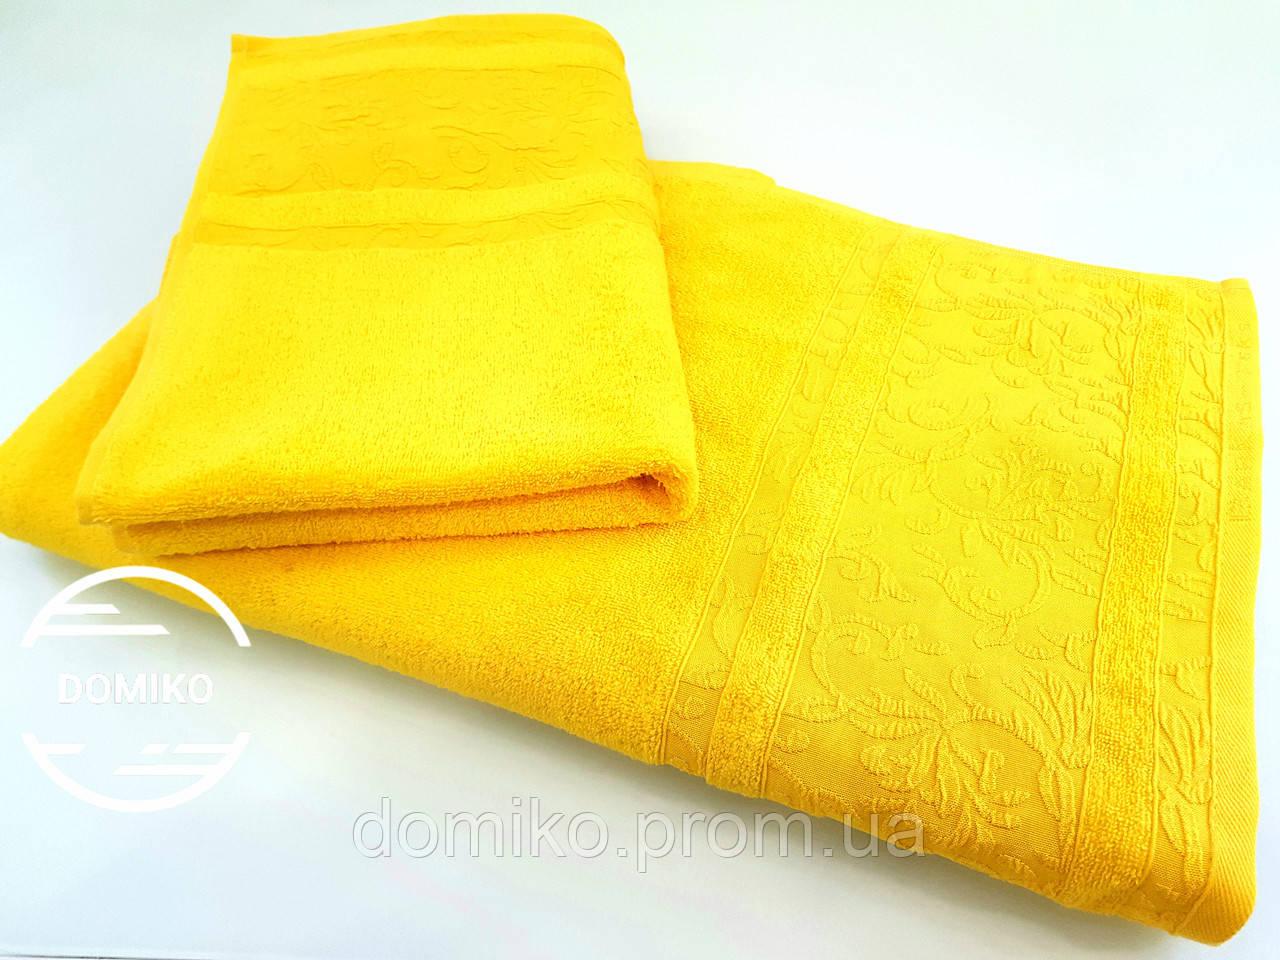 Полотенце махровое 70*140 Орнамент желтый премиум